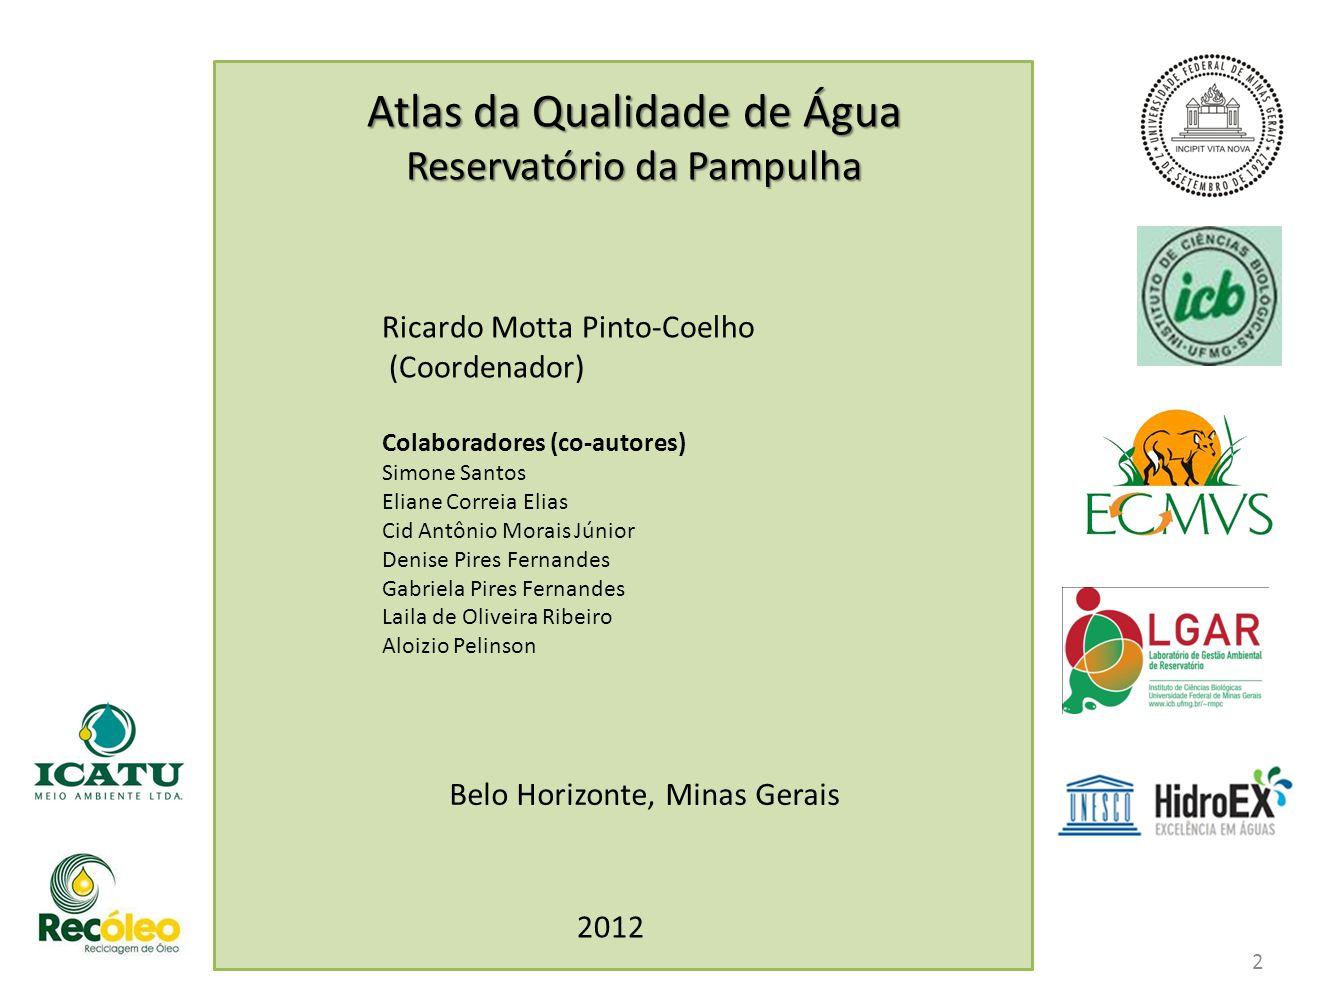 2 Atlas da Qualidade de Água Reservatório da Pampulha Ricardo Motta Pinto-Coelho (Coordenador) Colaboradores (co-autores) Simone Santos Eliane Correia